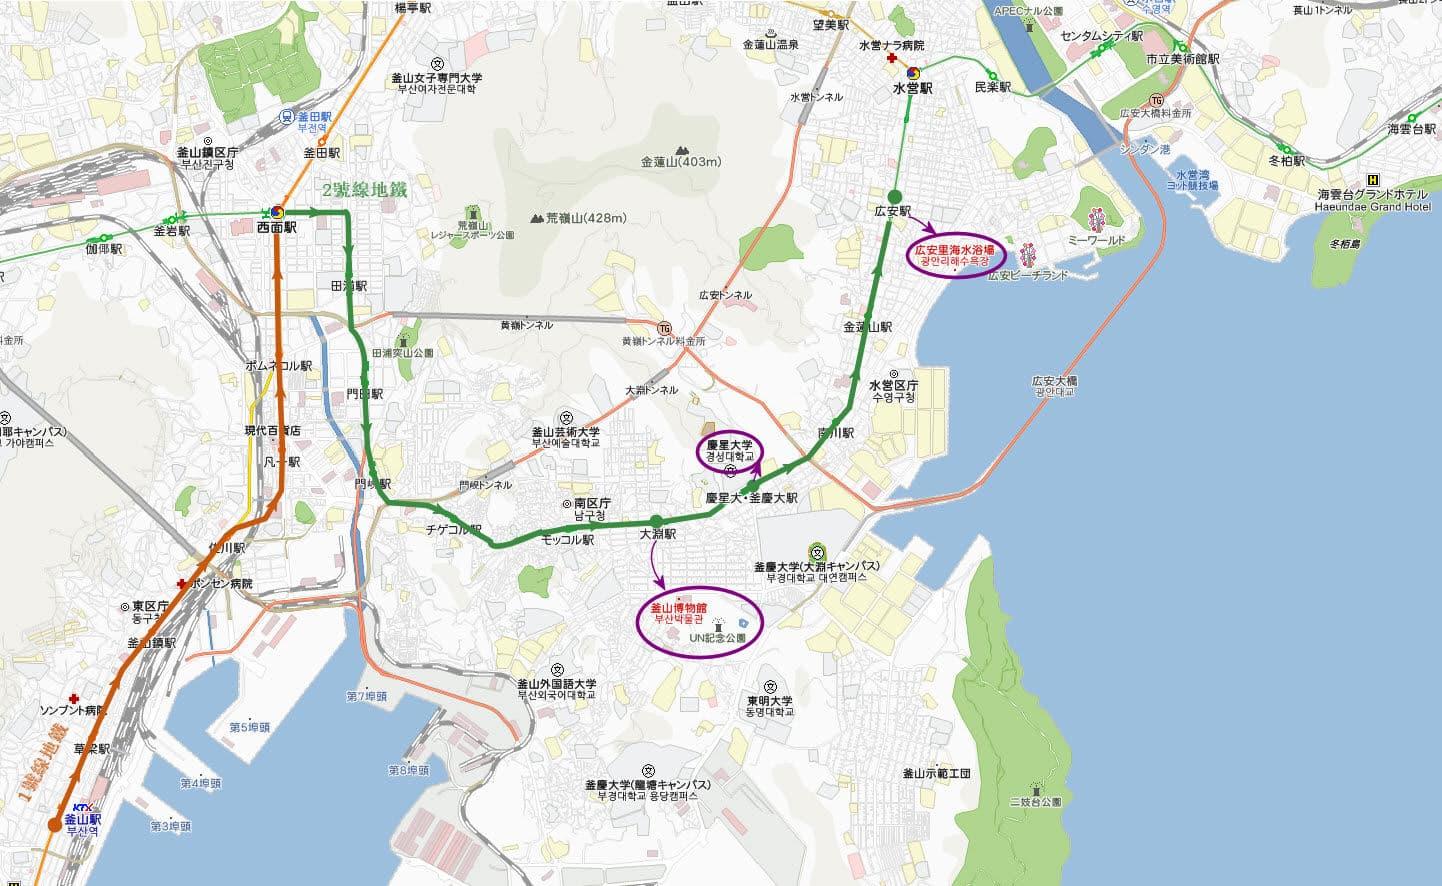 釜山慶星大學、釜山博物館、UN 紀念公園、廣安里海水浴場地圖